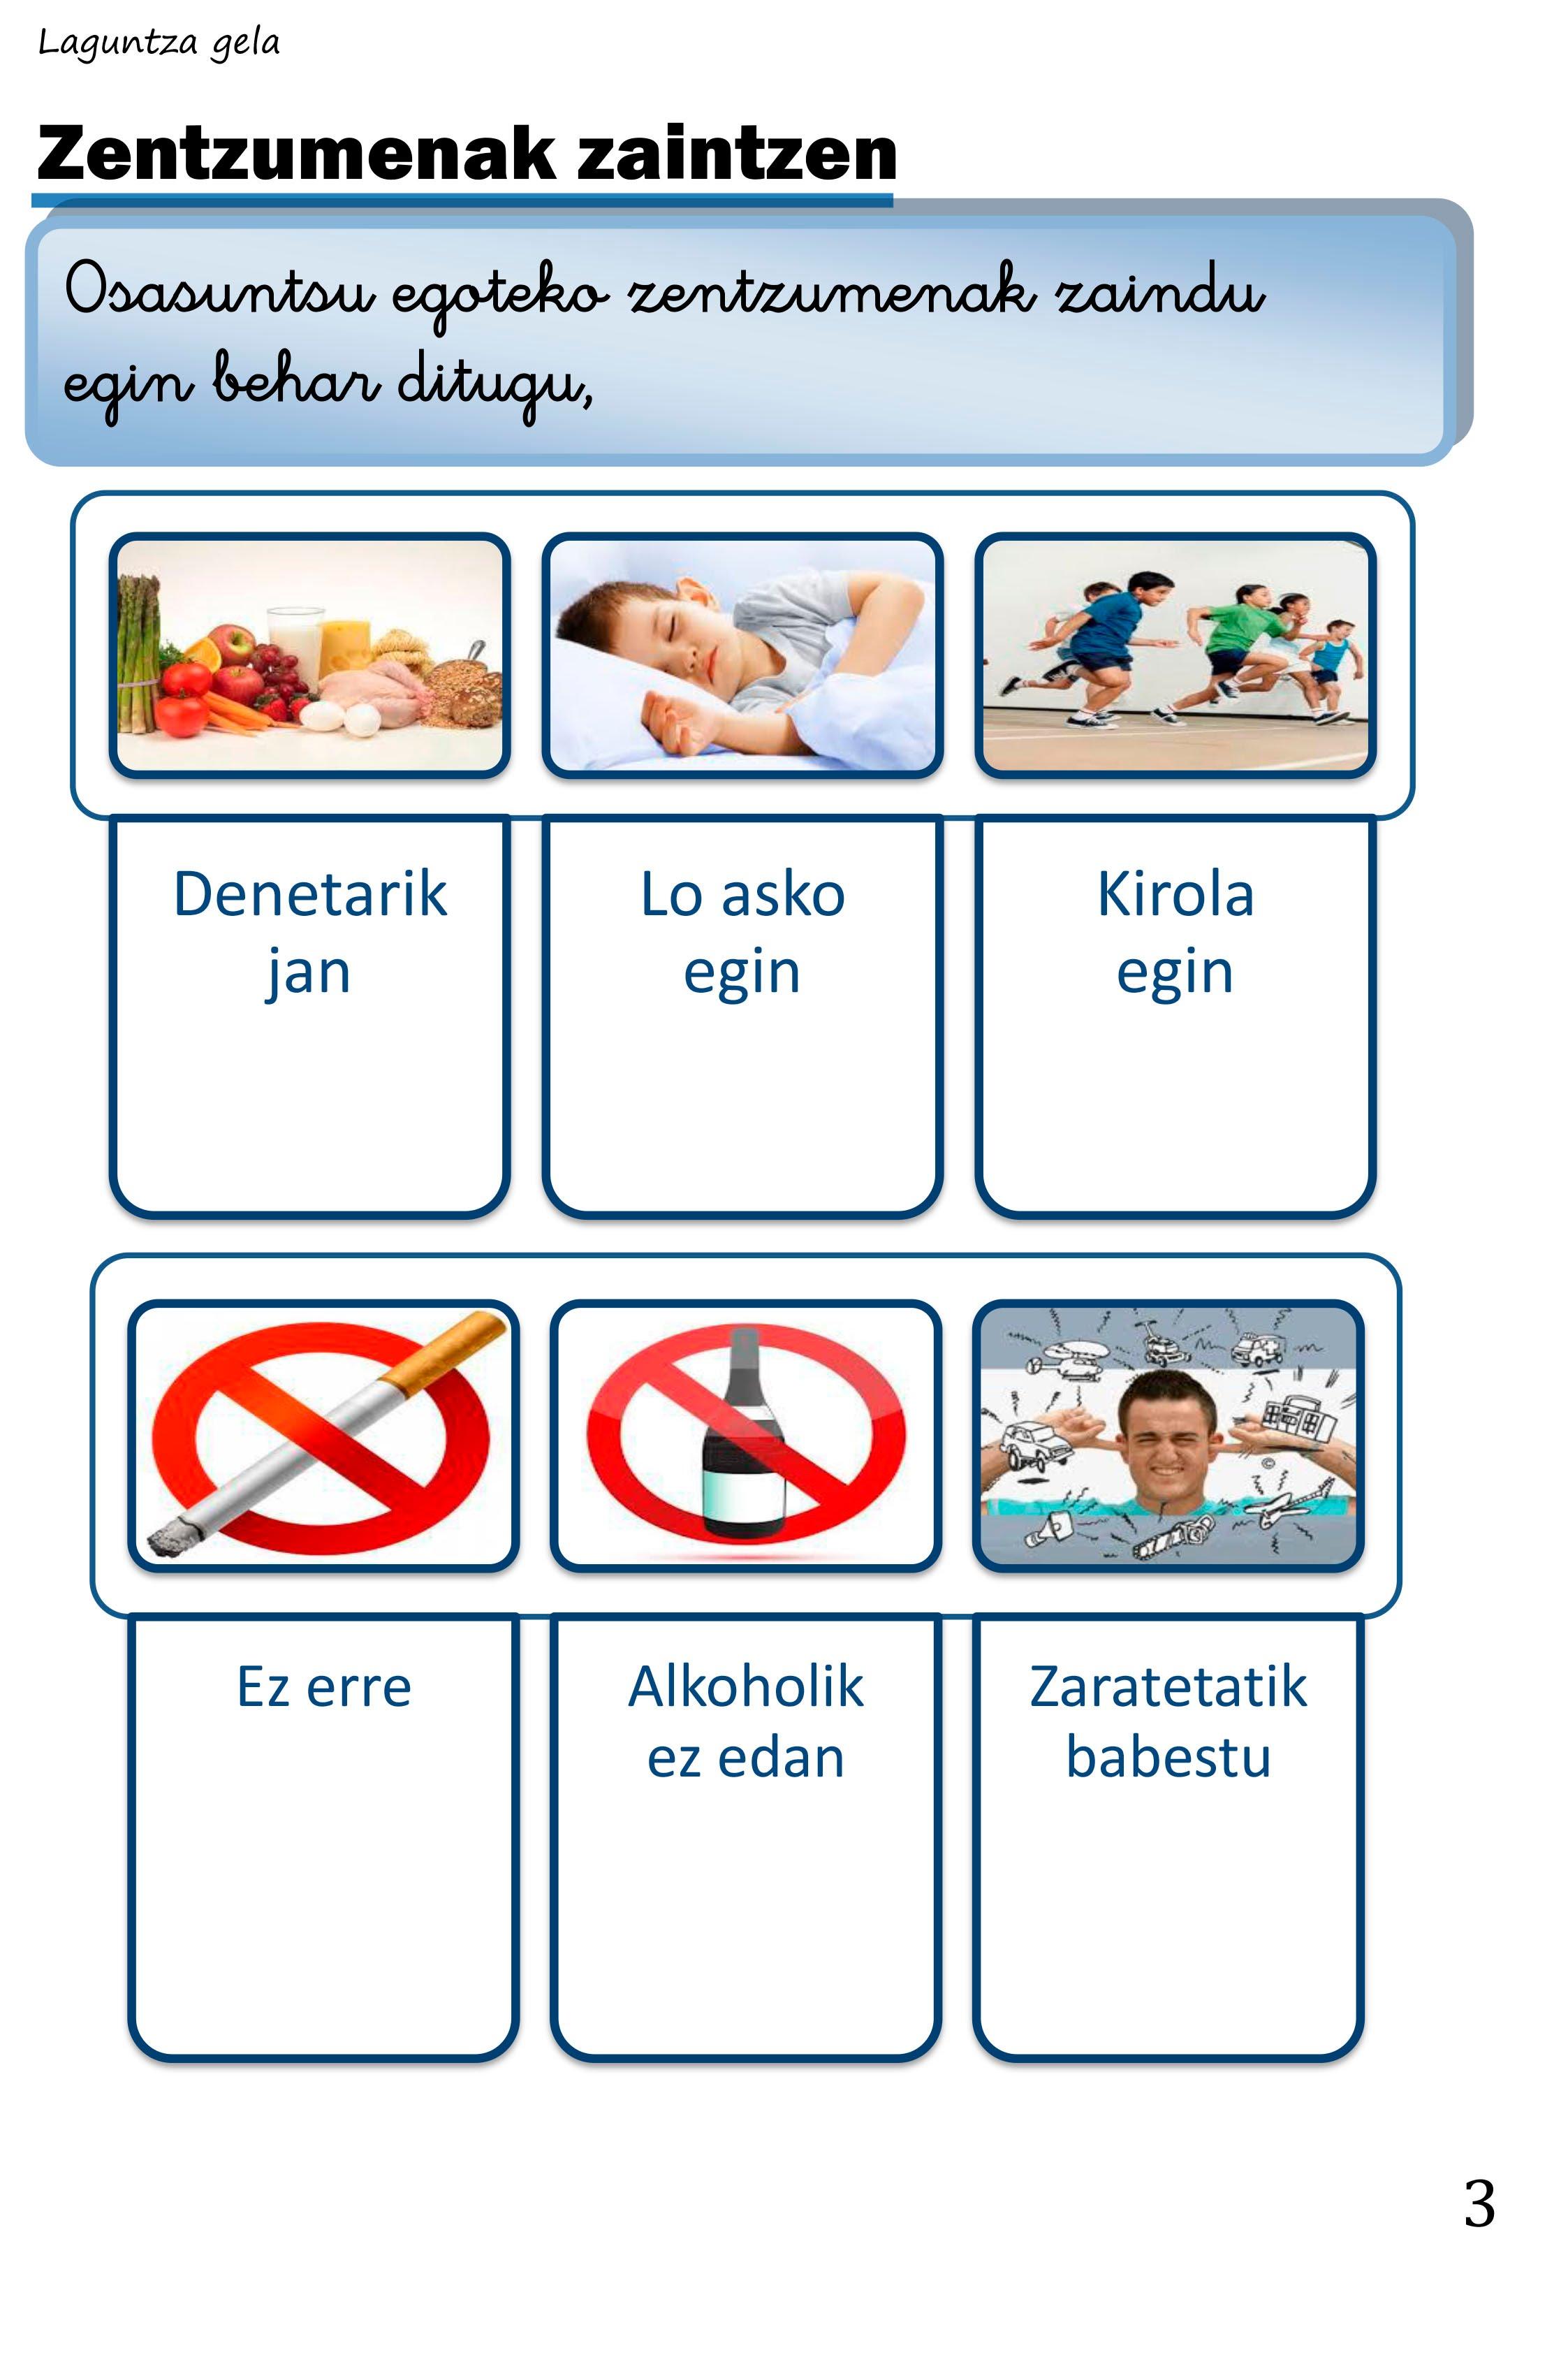 https://sites.google.com/a/presentaciondemaria.org/lehen-hezkuntza-1-maila/2-natur-zientziak/nire-gorputza/zentzumenak1maila-121218164543-phpapp01%20(1)-3.jpg